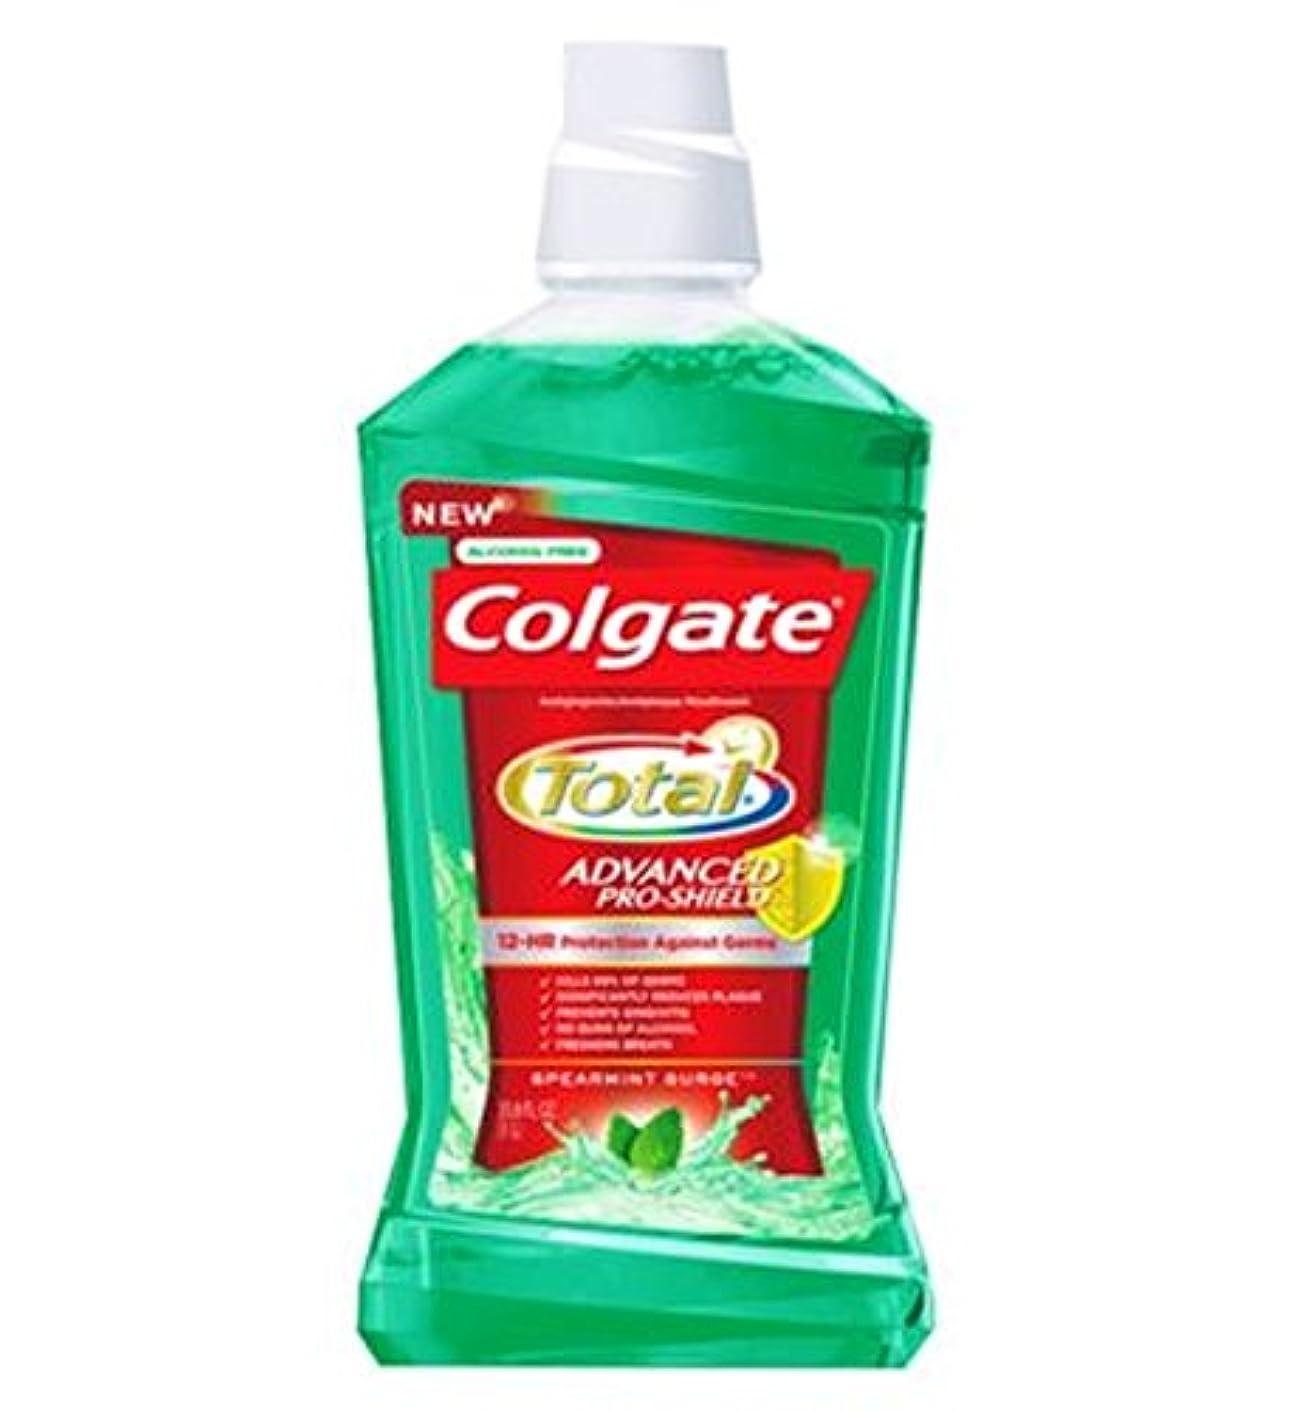 中傷ハイジャック日食コルゲートの口内洗浄剤の合計緑500ミリリットル (Colgate) (x2) - Colgate Mouthrinse Total Green 500ml (Pack of 2) [並行輸入品]